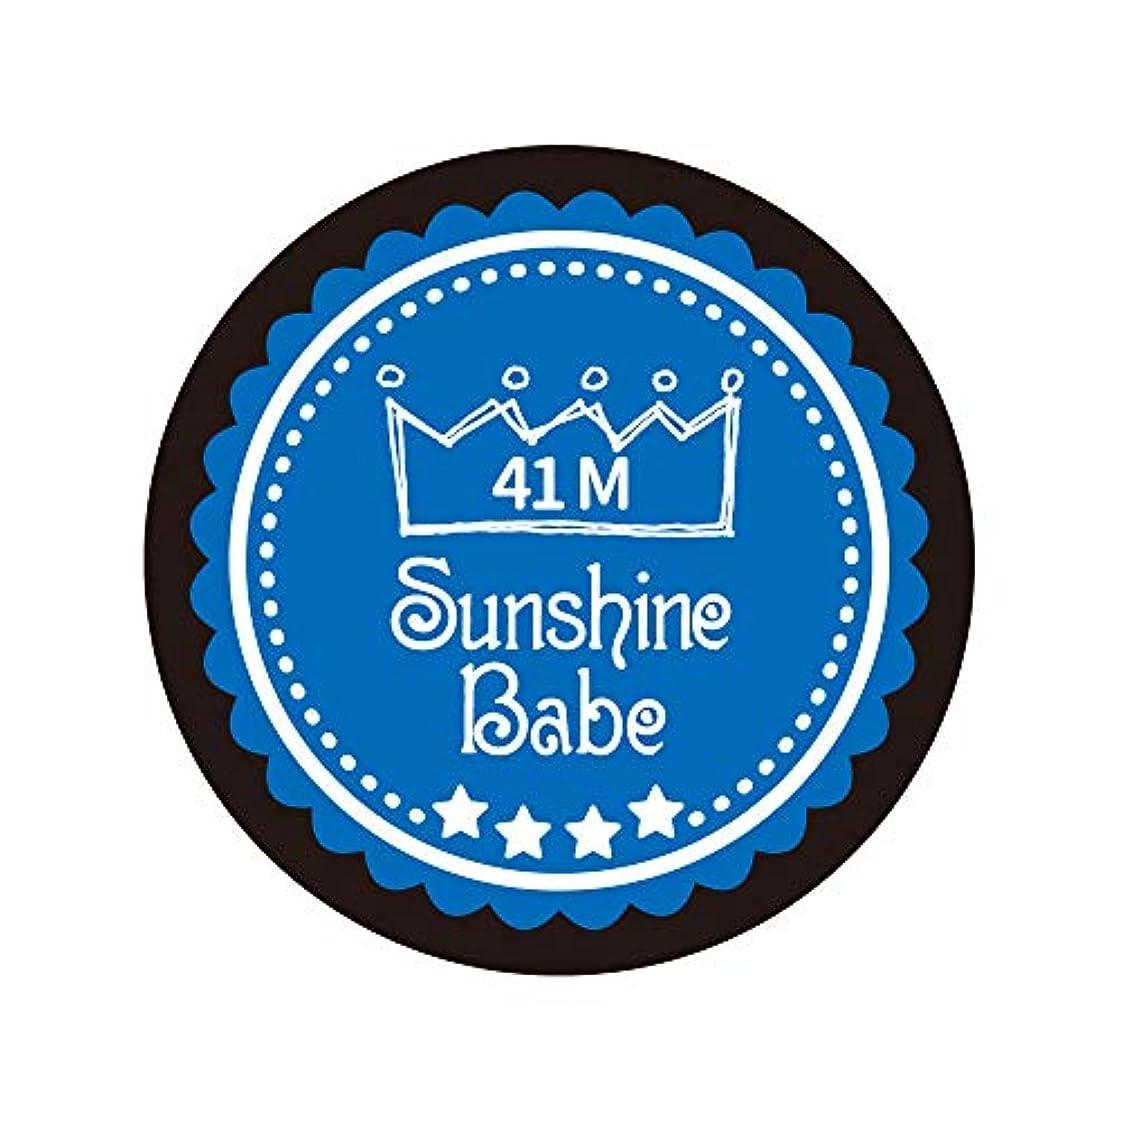 Sunshine Babe カラージェル 41M ネブラスブルー 4g UV/LED対応